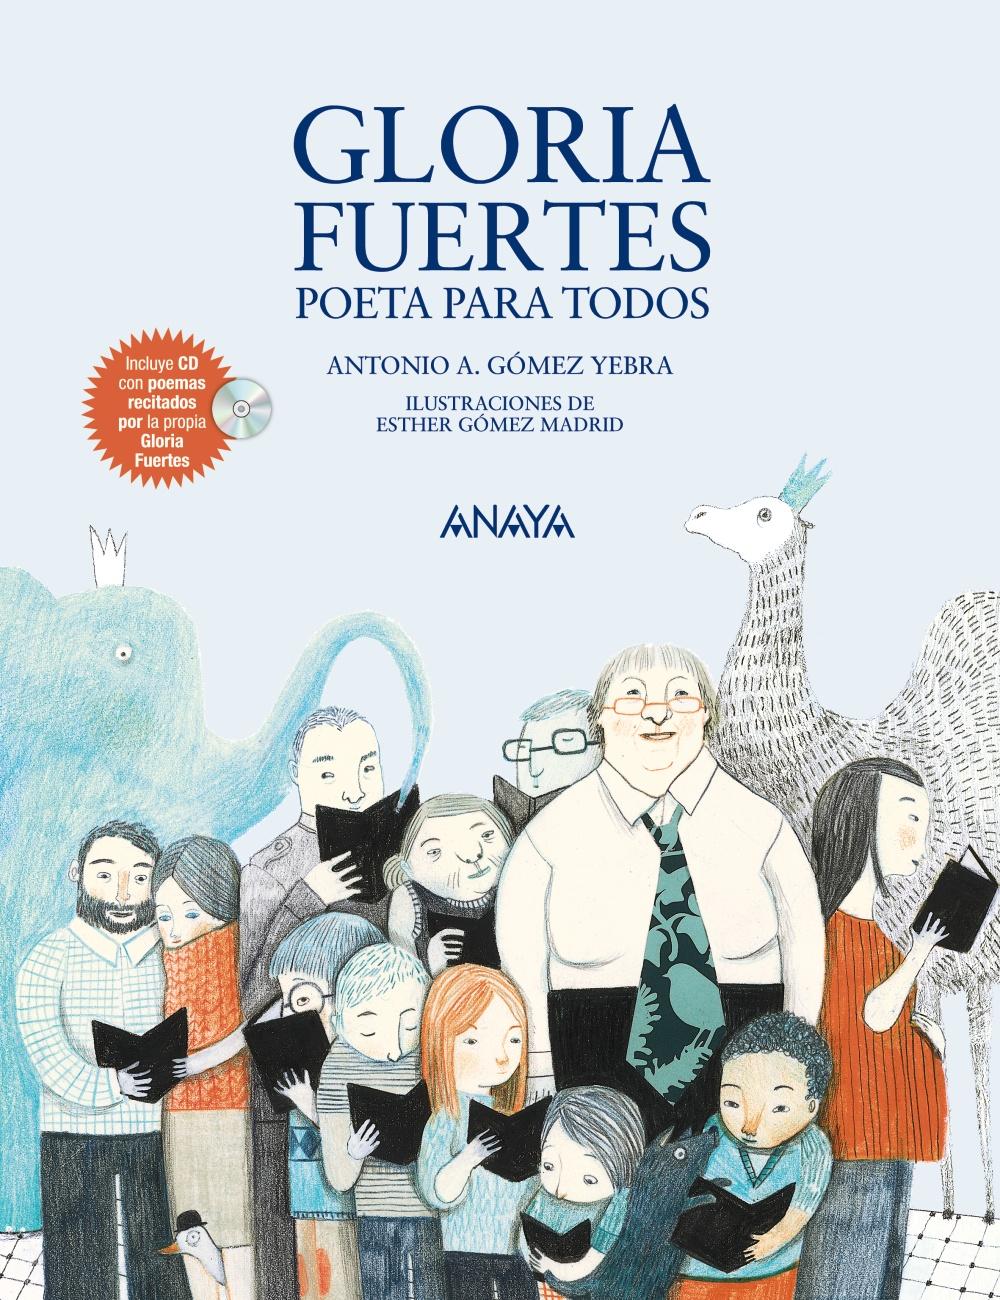 Resultado de imagen de Gloria Fuertes Poeta ANAYA